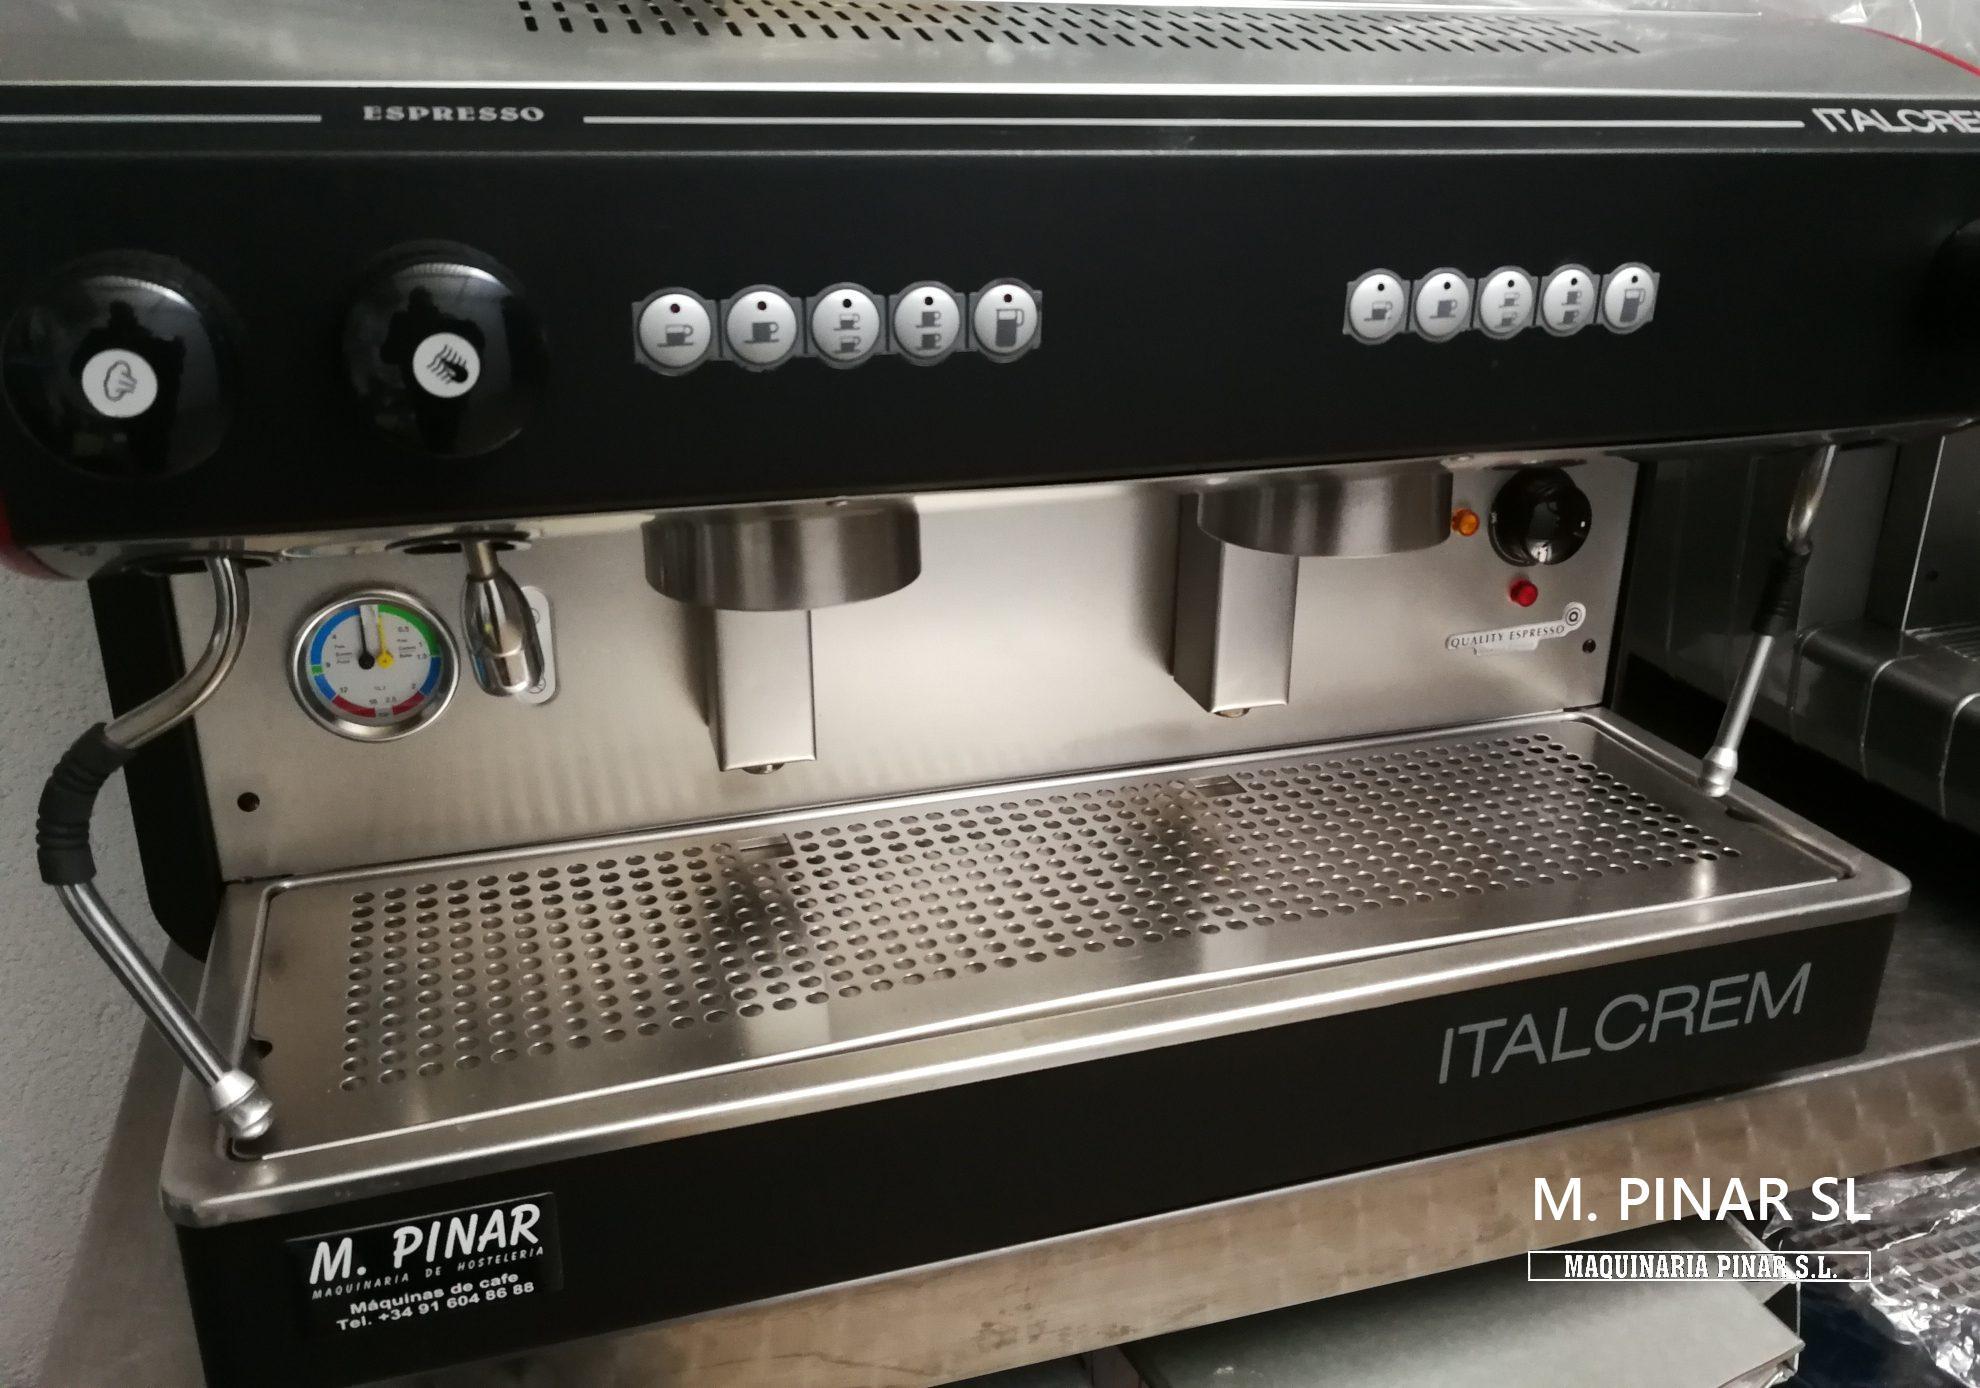 Servicio Técnico de cafeteras - Maquinaria Pinar SL